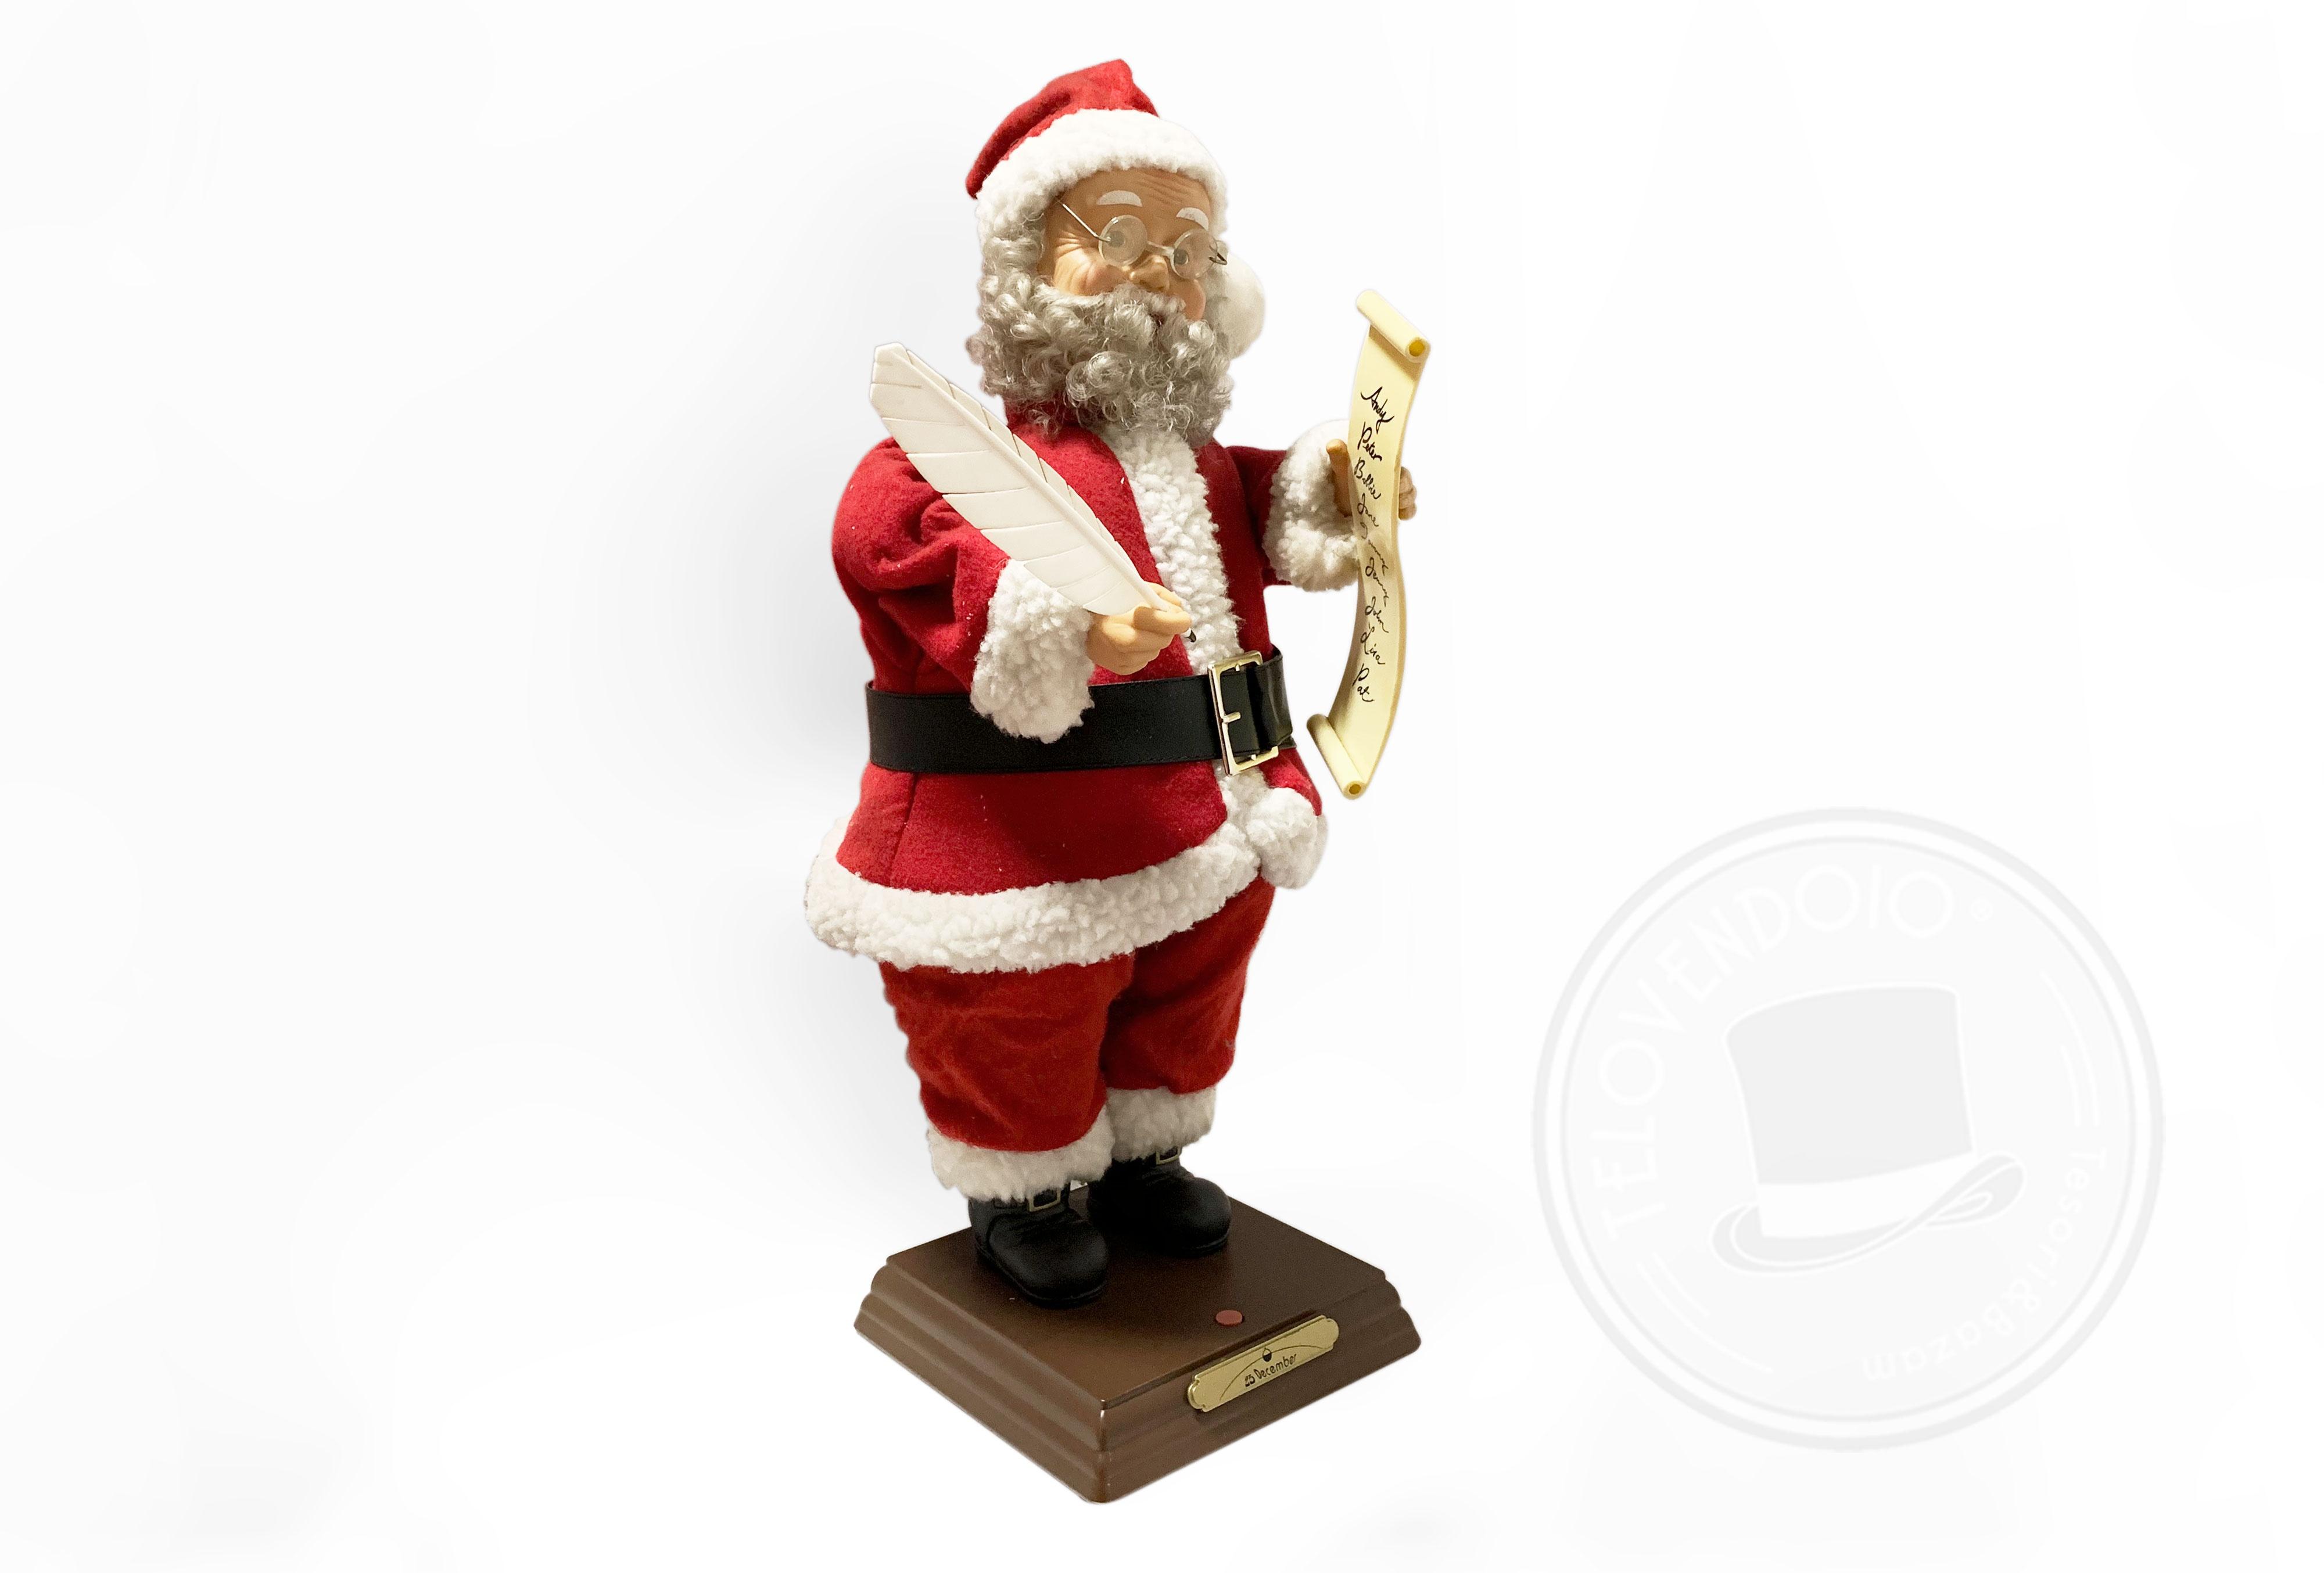 Babbo Natale 60 Cm.Babbo Natale Con Pergamena 60 Cm Telovendoio